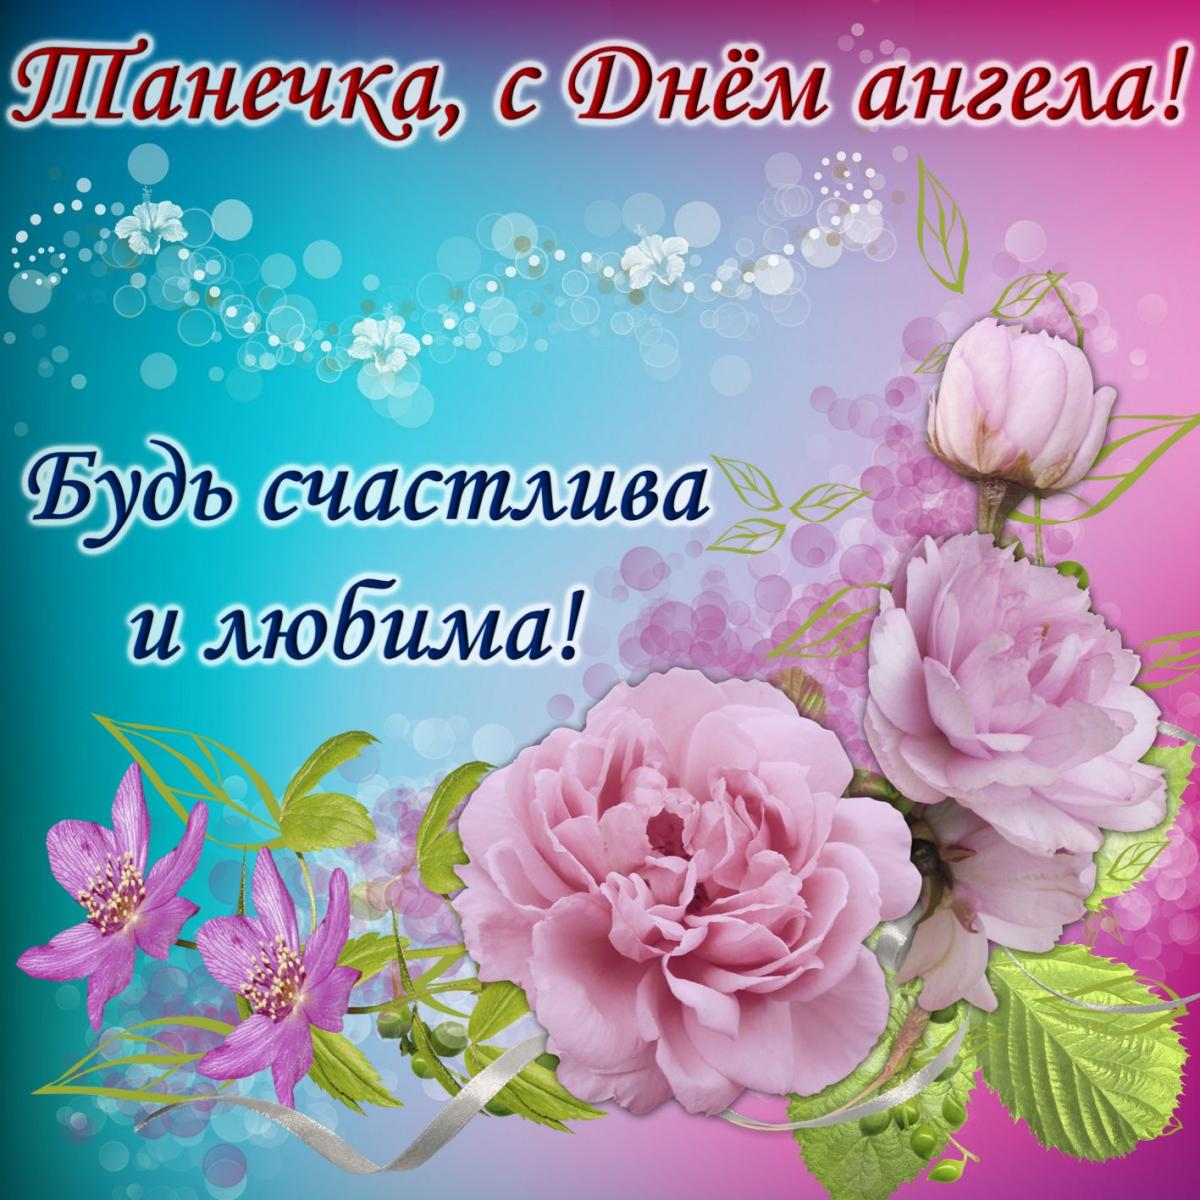 Тетянин день - привітання-листівки / bonnycards.ru